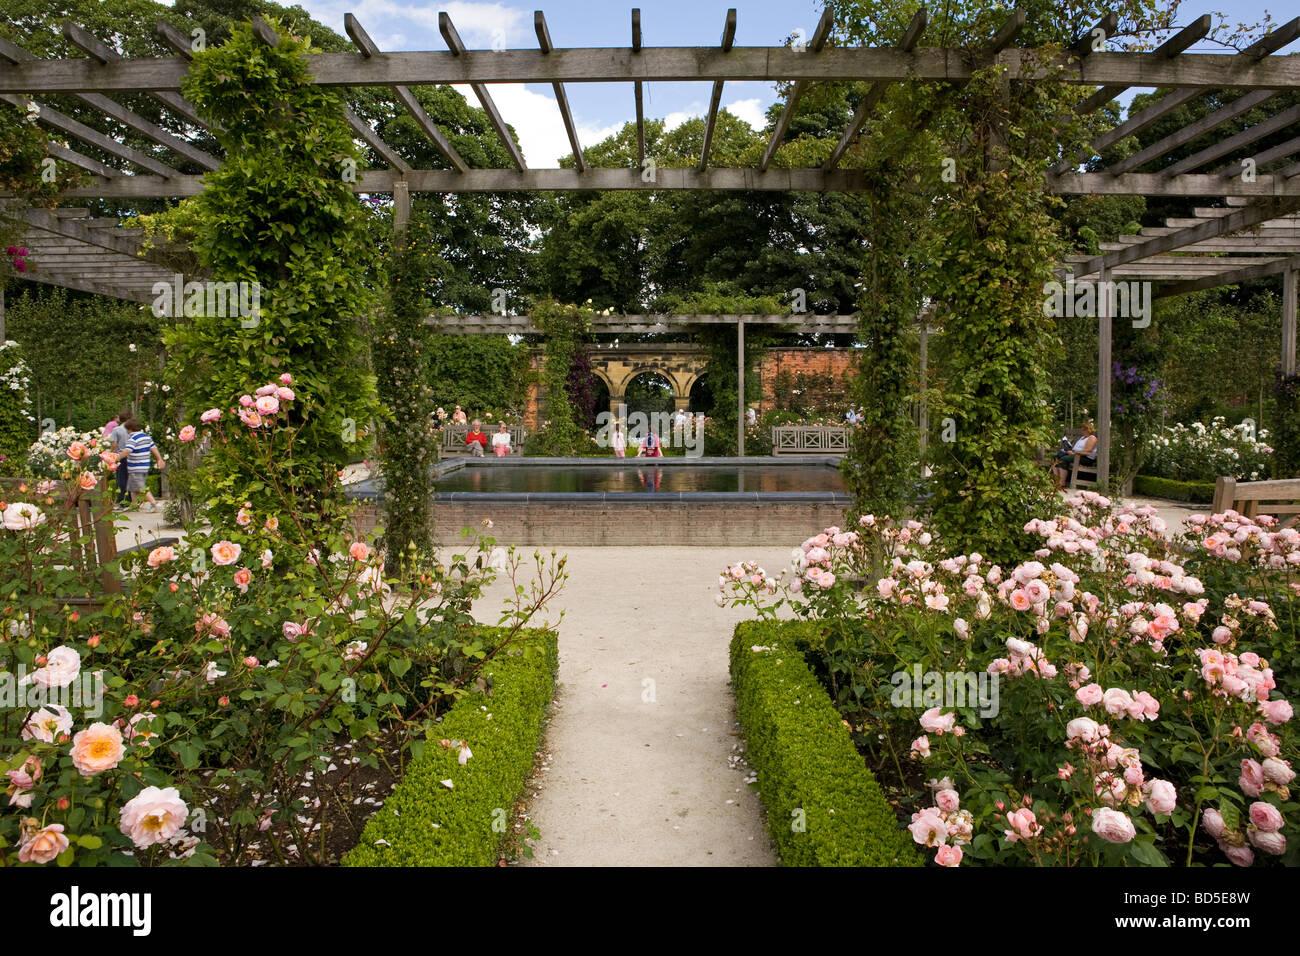 The Alnwick Garden Stock Photos & The Alnwick Garden Stock Images ...